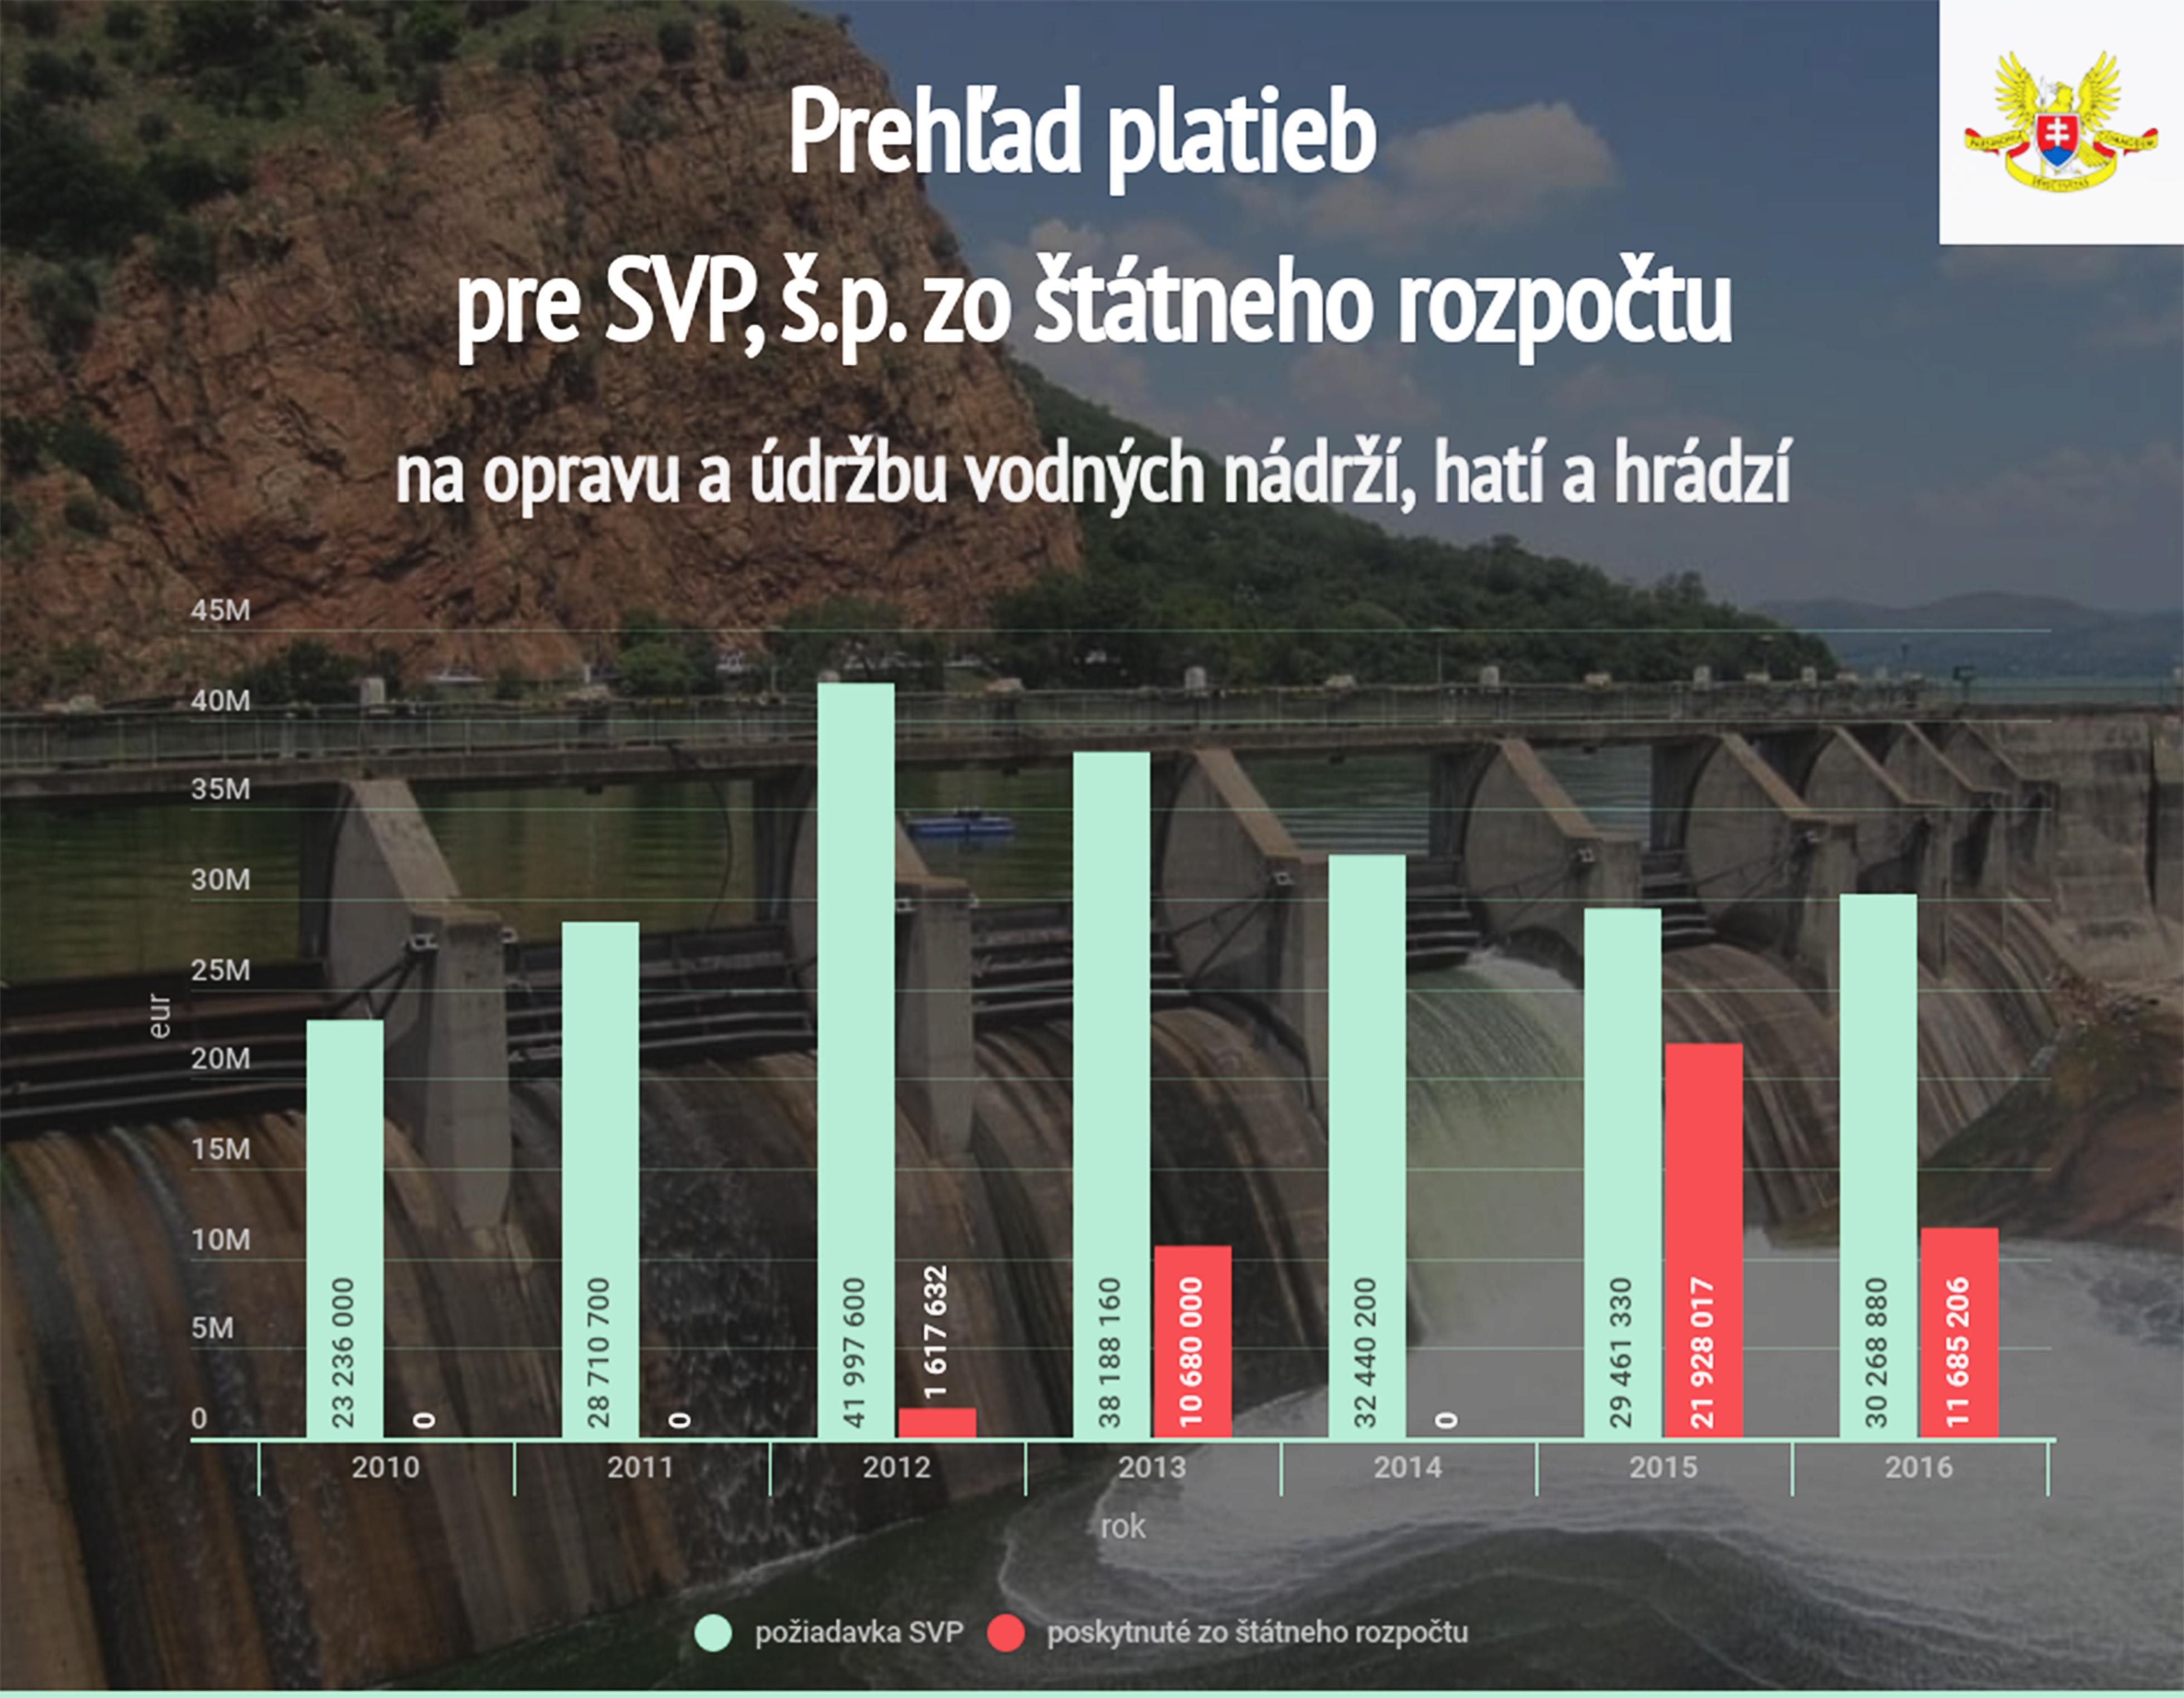 prehľad platieb SVP, š.p.